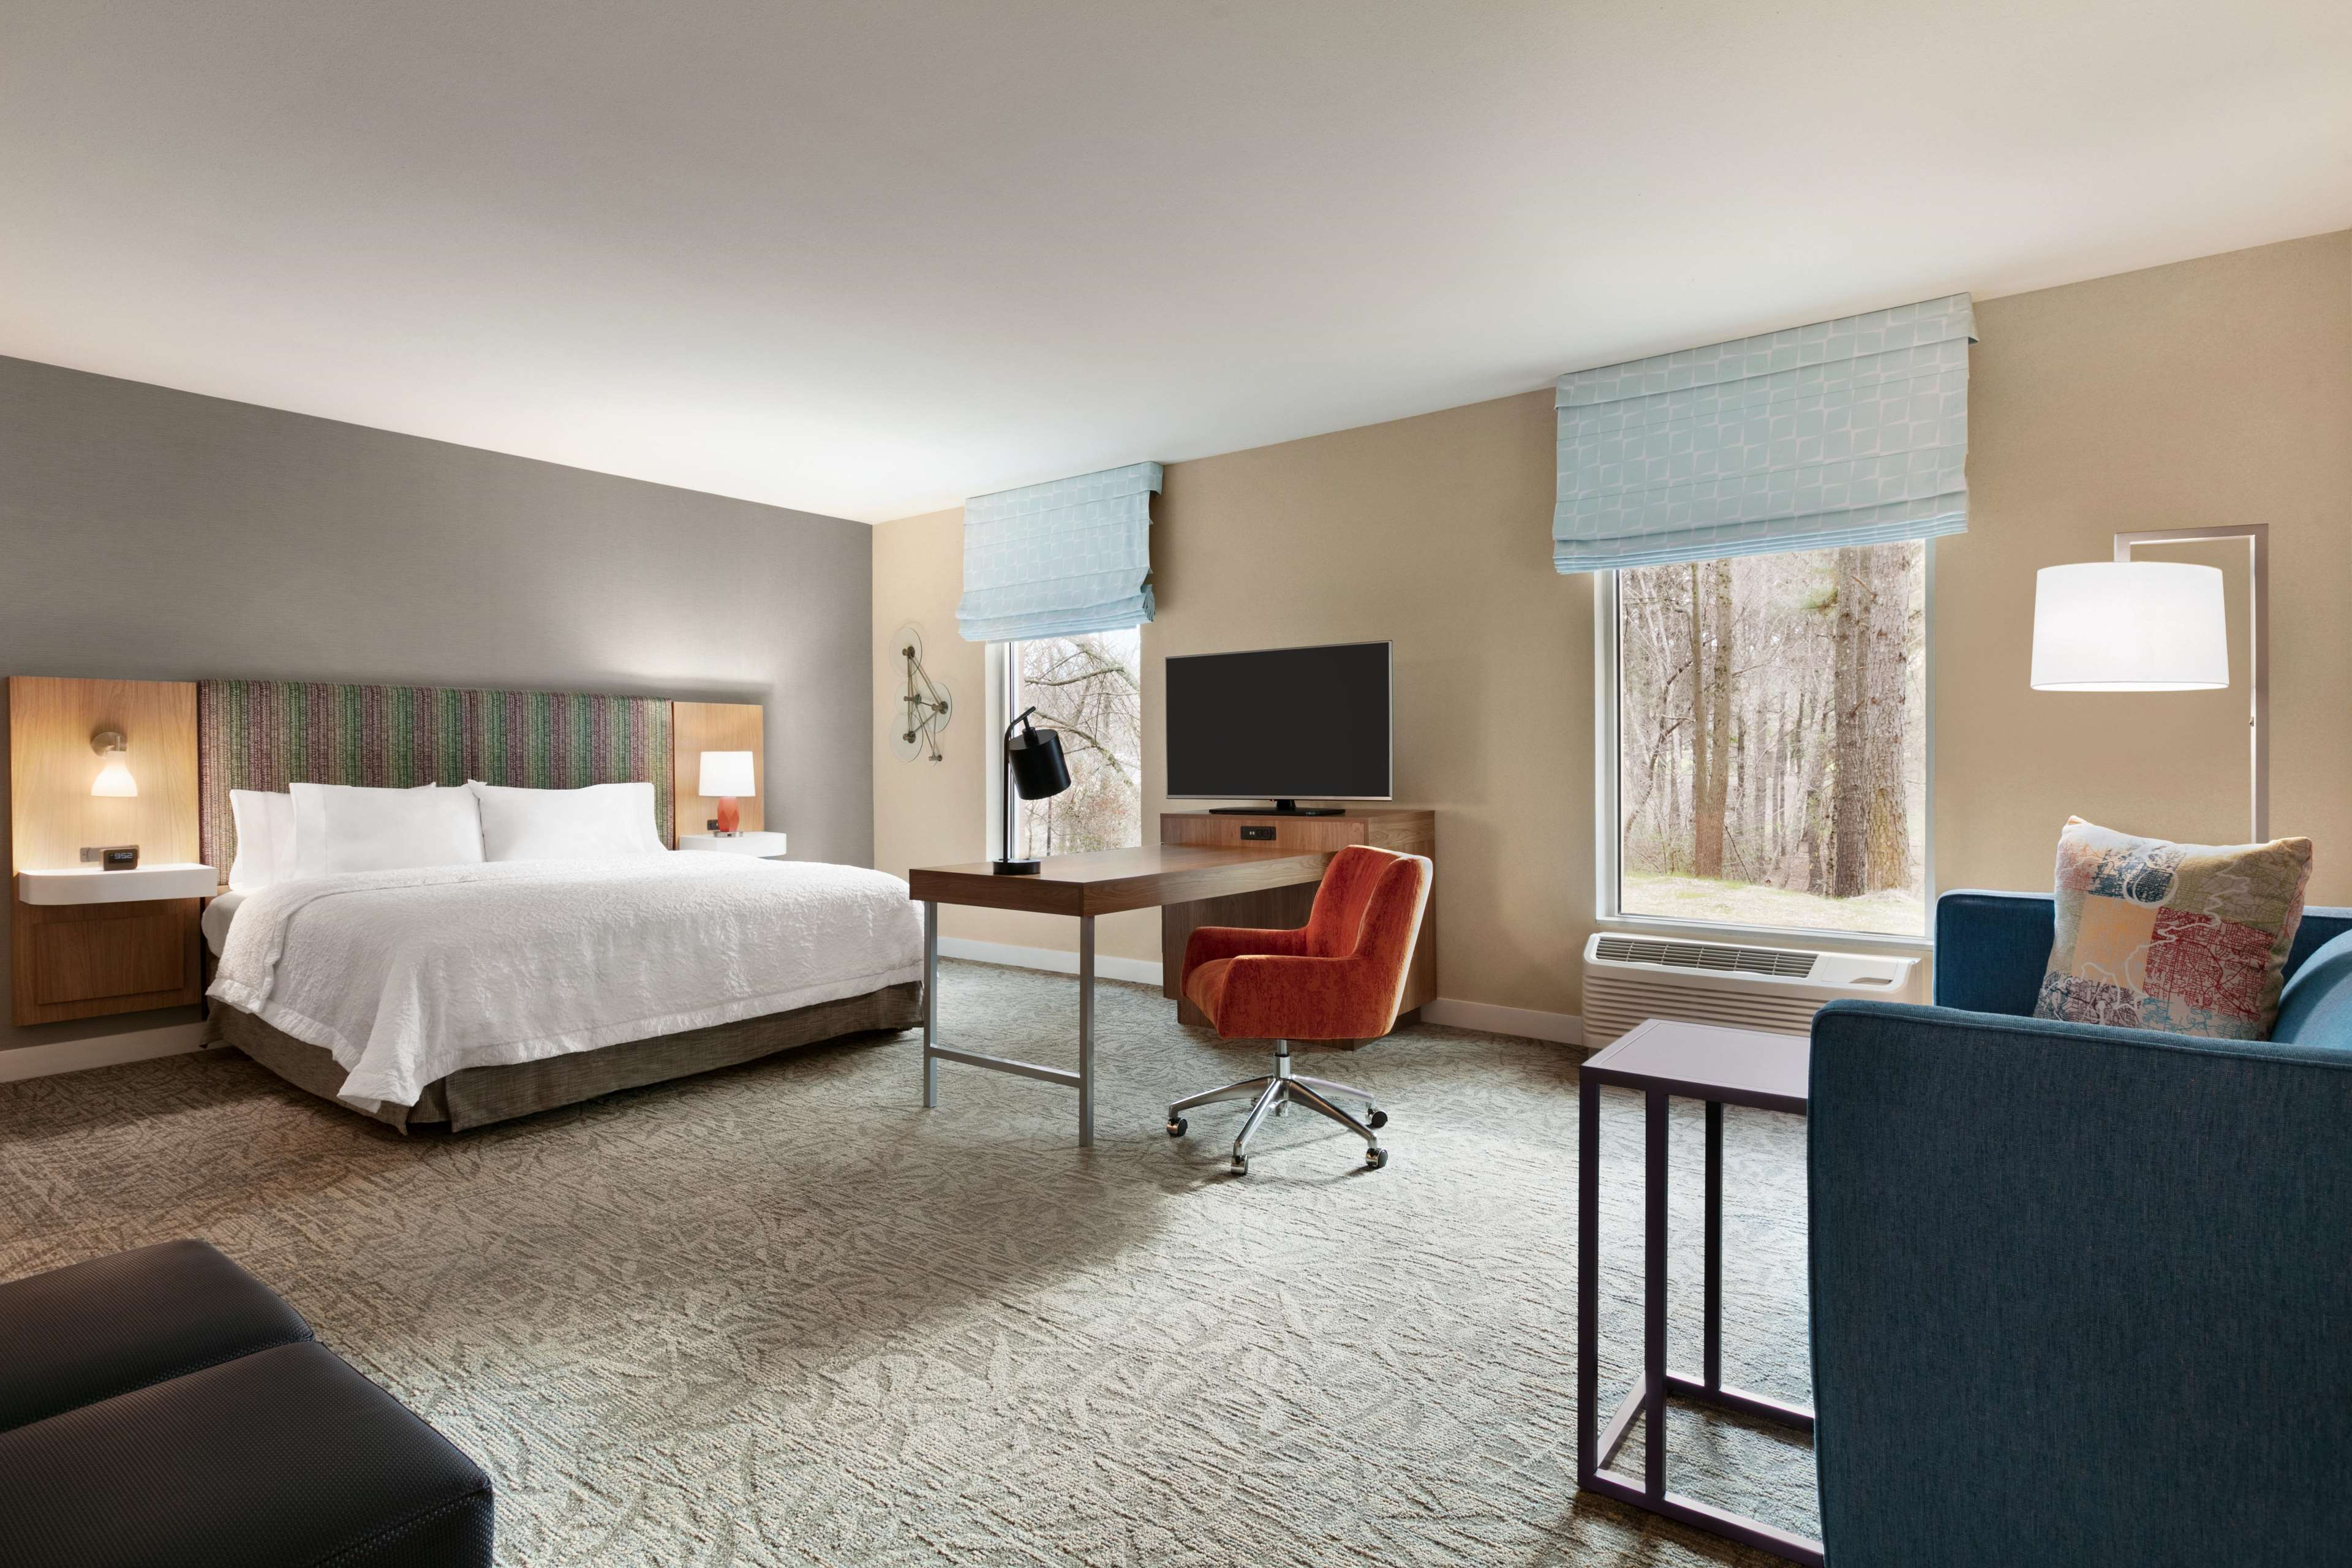 Hampton Inn and Suites Johns Creek image 21